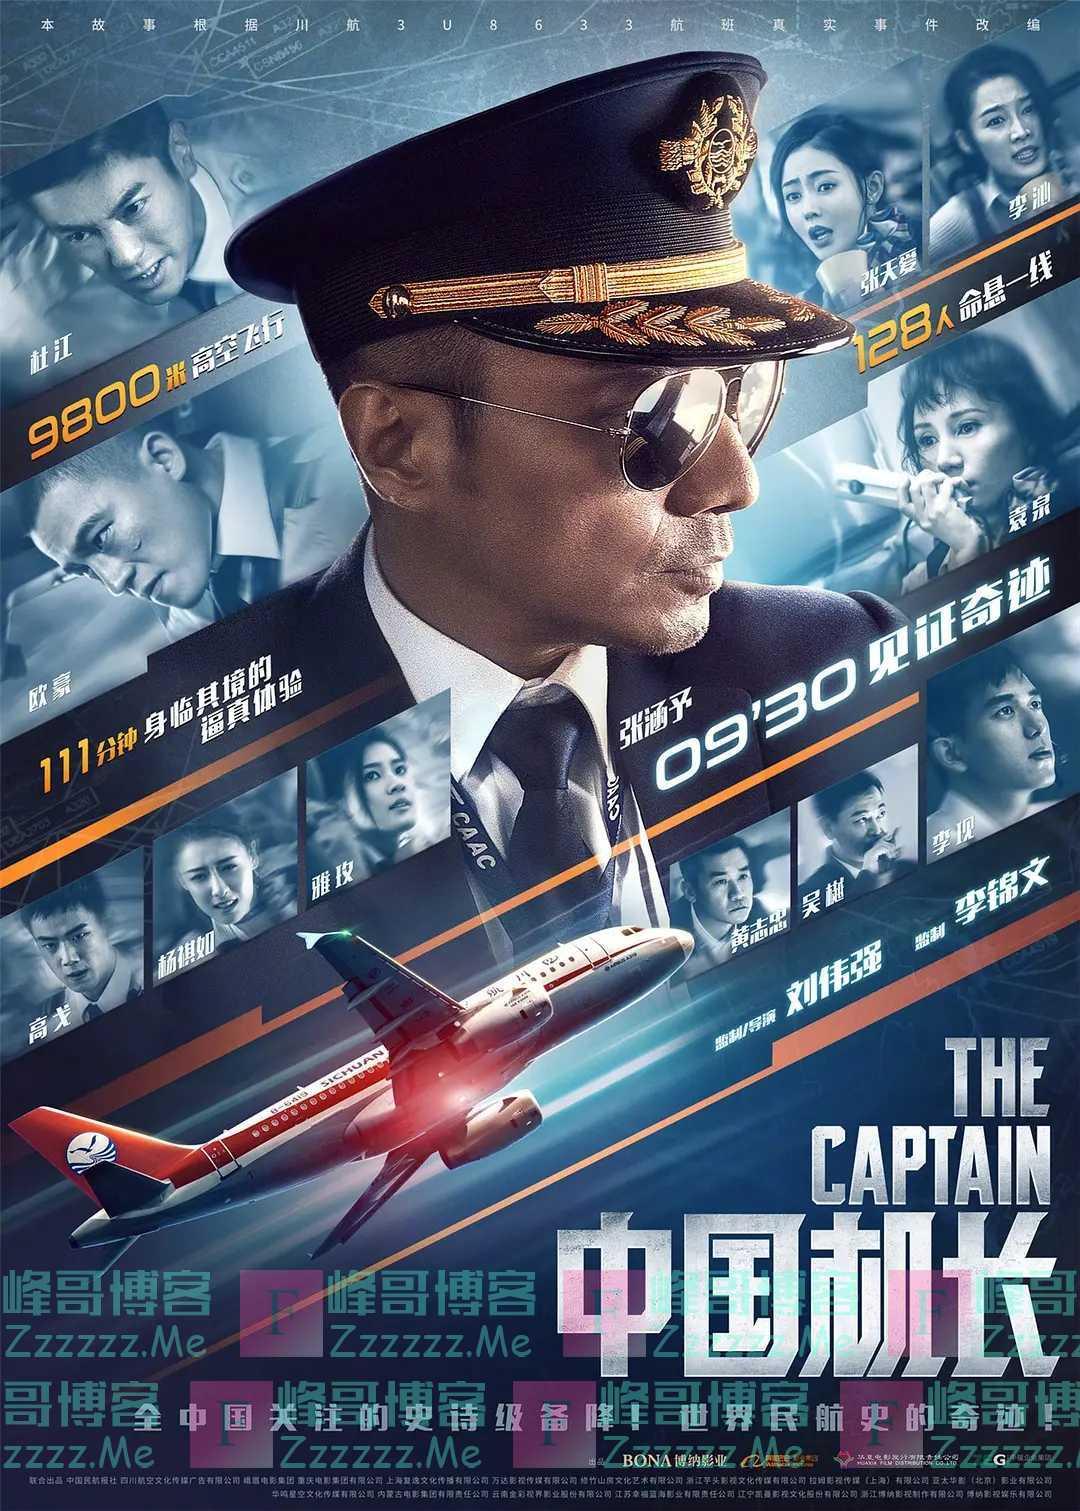 中国机长电影枪版抢先版电影在线观看 超高清无广告百度网盘下载地址